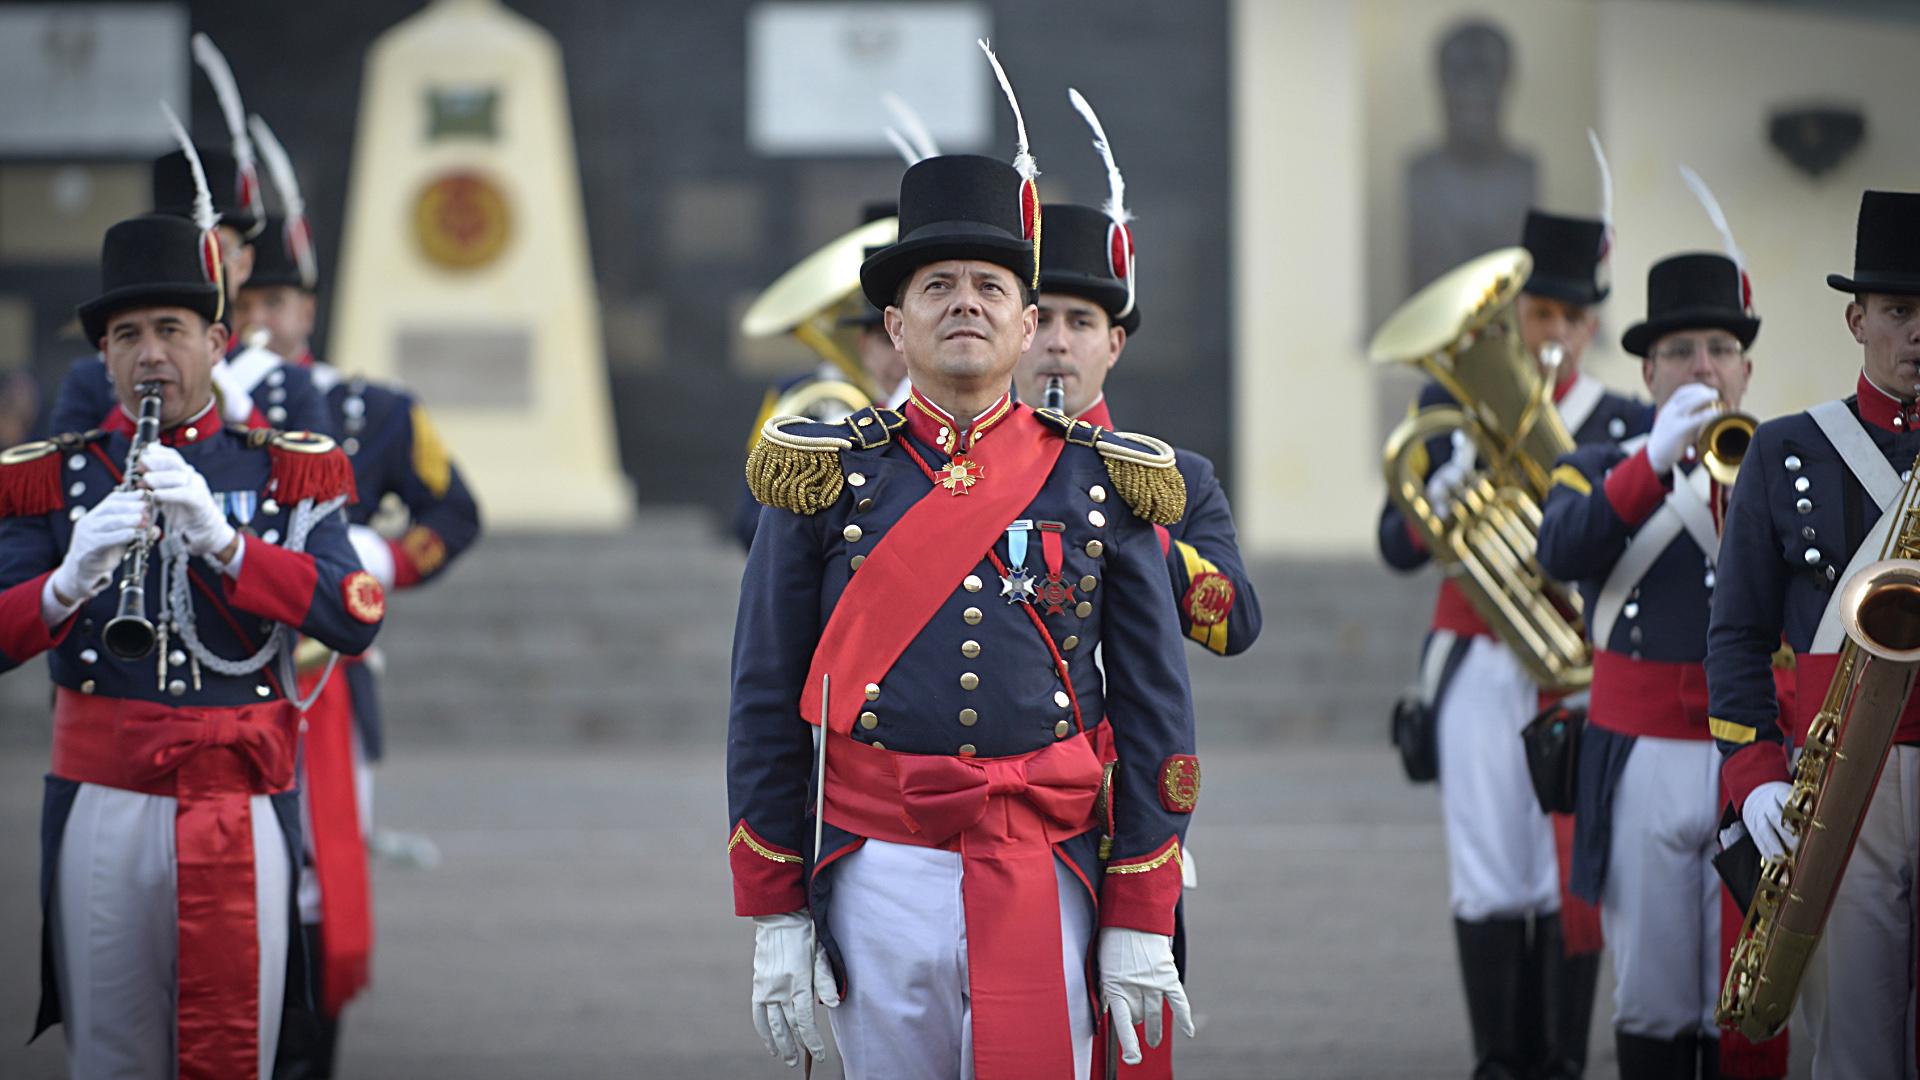 """En el centro, el Mayor Diego Cejas, director de la Banda Militar """"Tambor de Tacuarí"""" del Regimiento de Infantería 1 """"Patricios"""""""